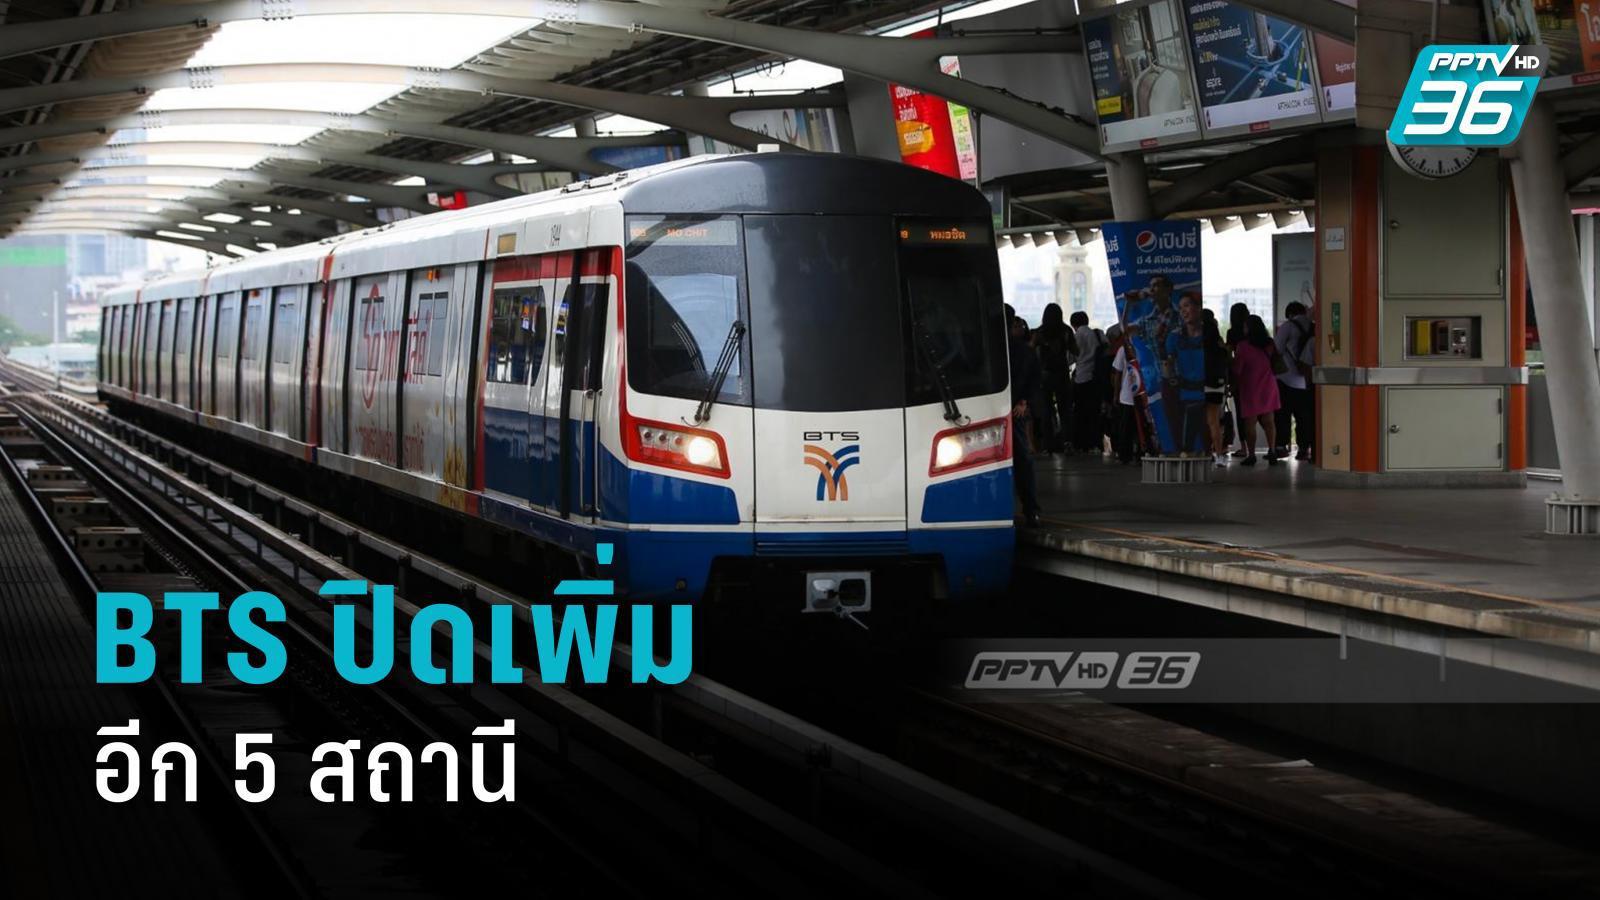 ด่วน!! รถไฟฟ้าบีทีเอส ประกาศปิดเพิ่มอีก 5 สถานี 16.00 น. เป็นต้นไป